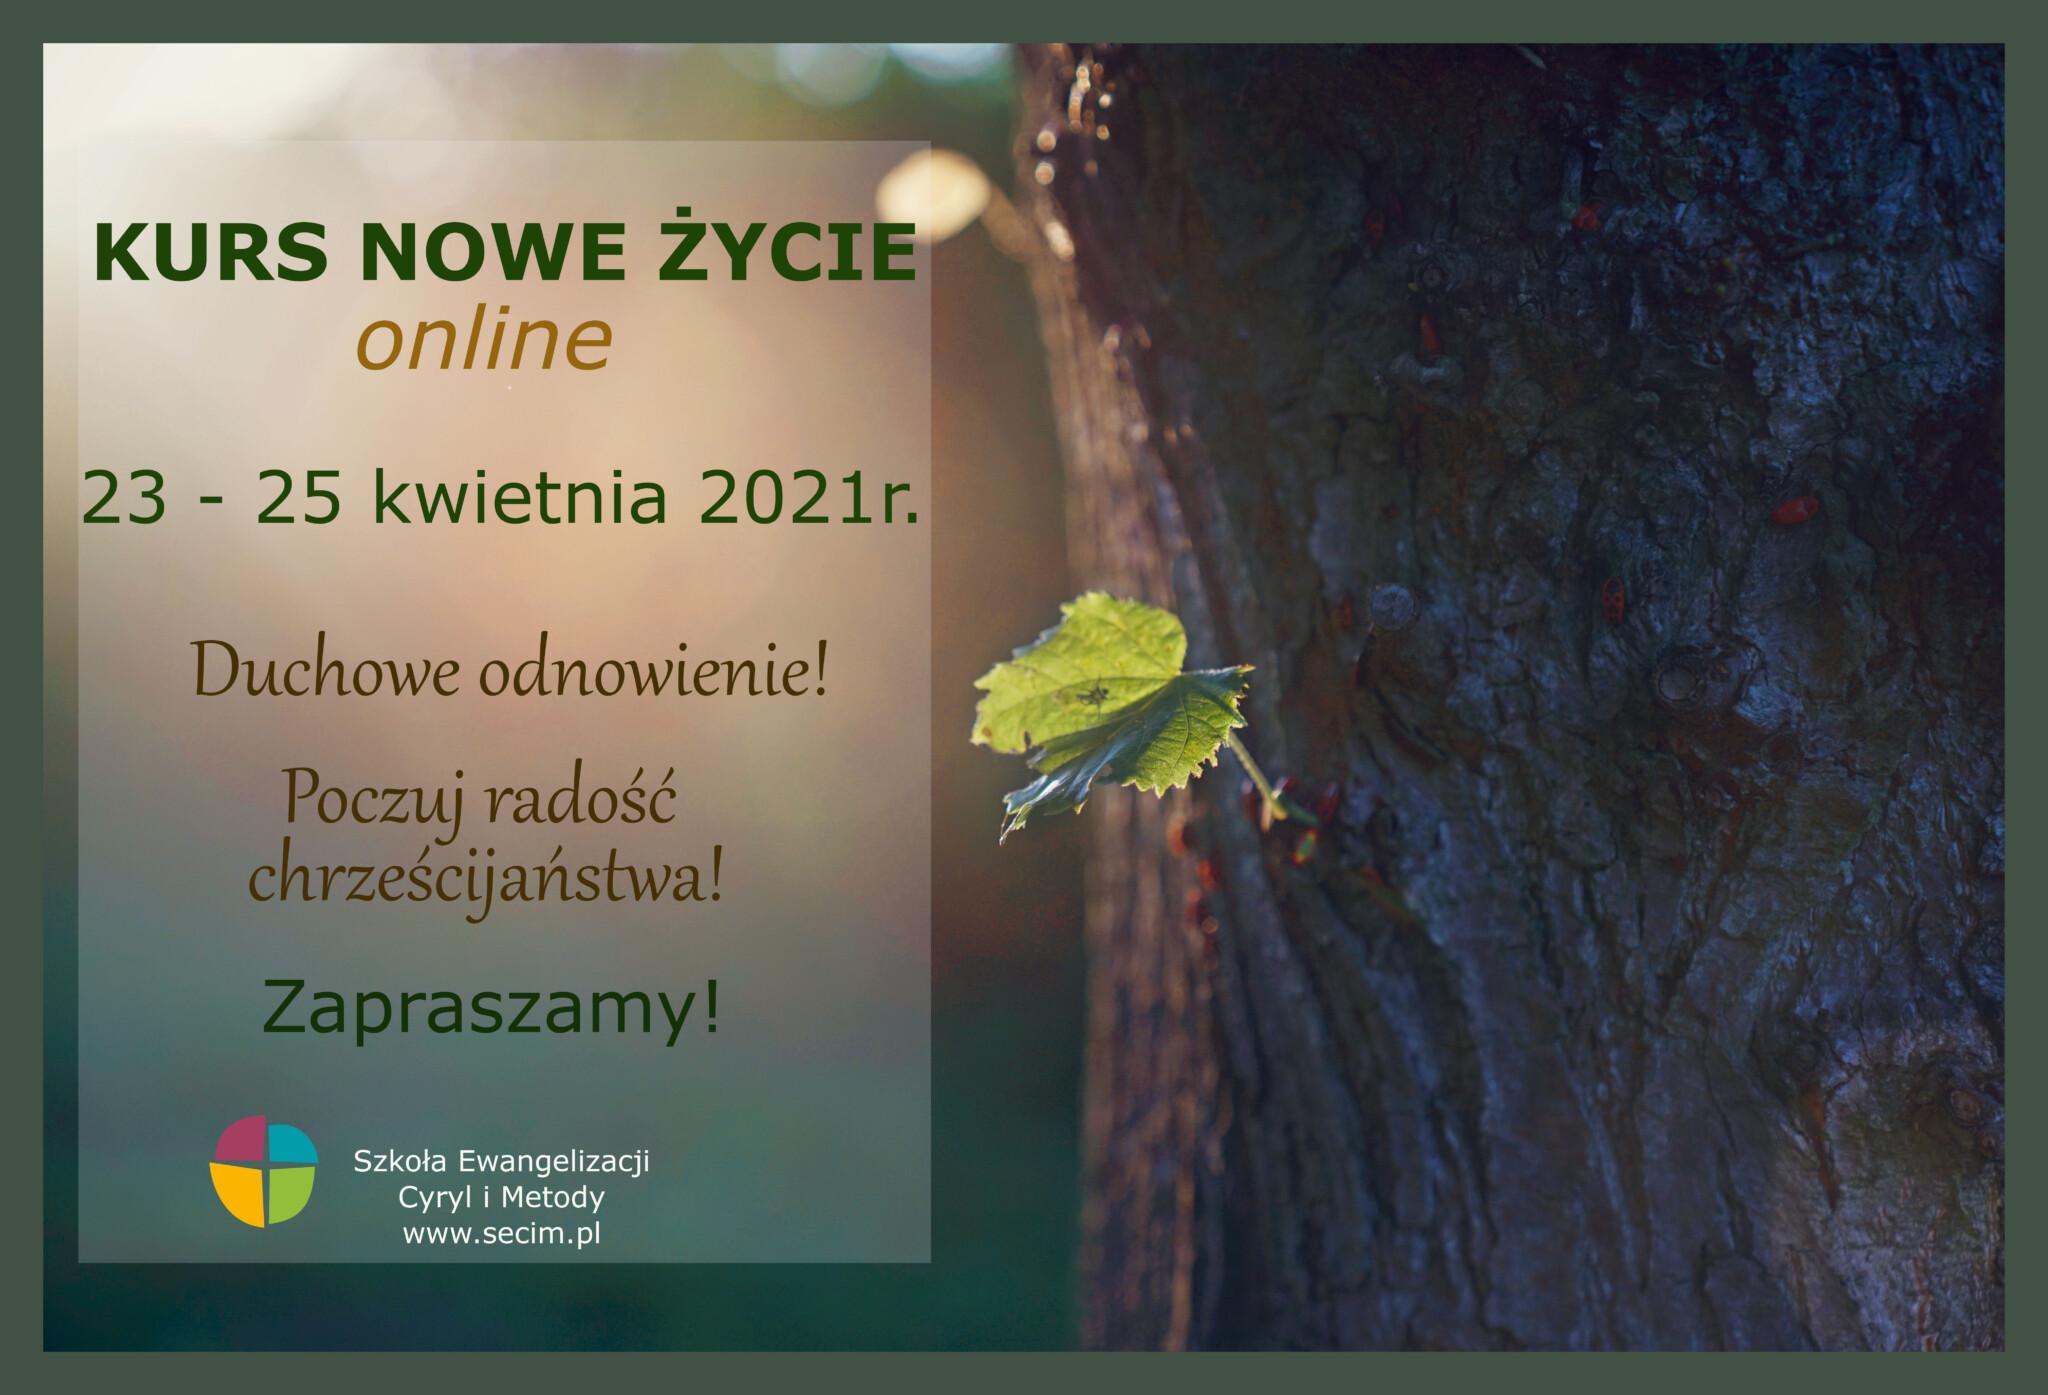 Kurs Nowe Życie, Online Kwiecień 2021